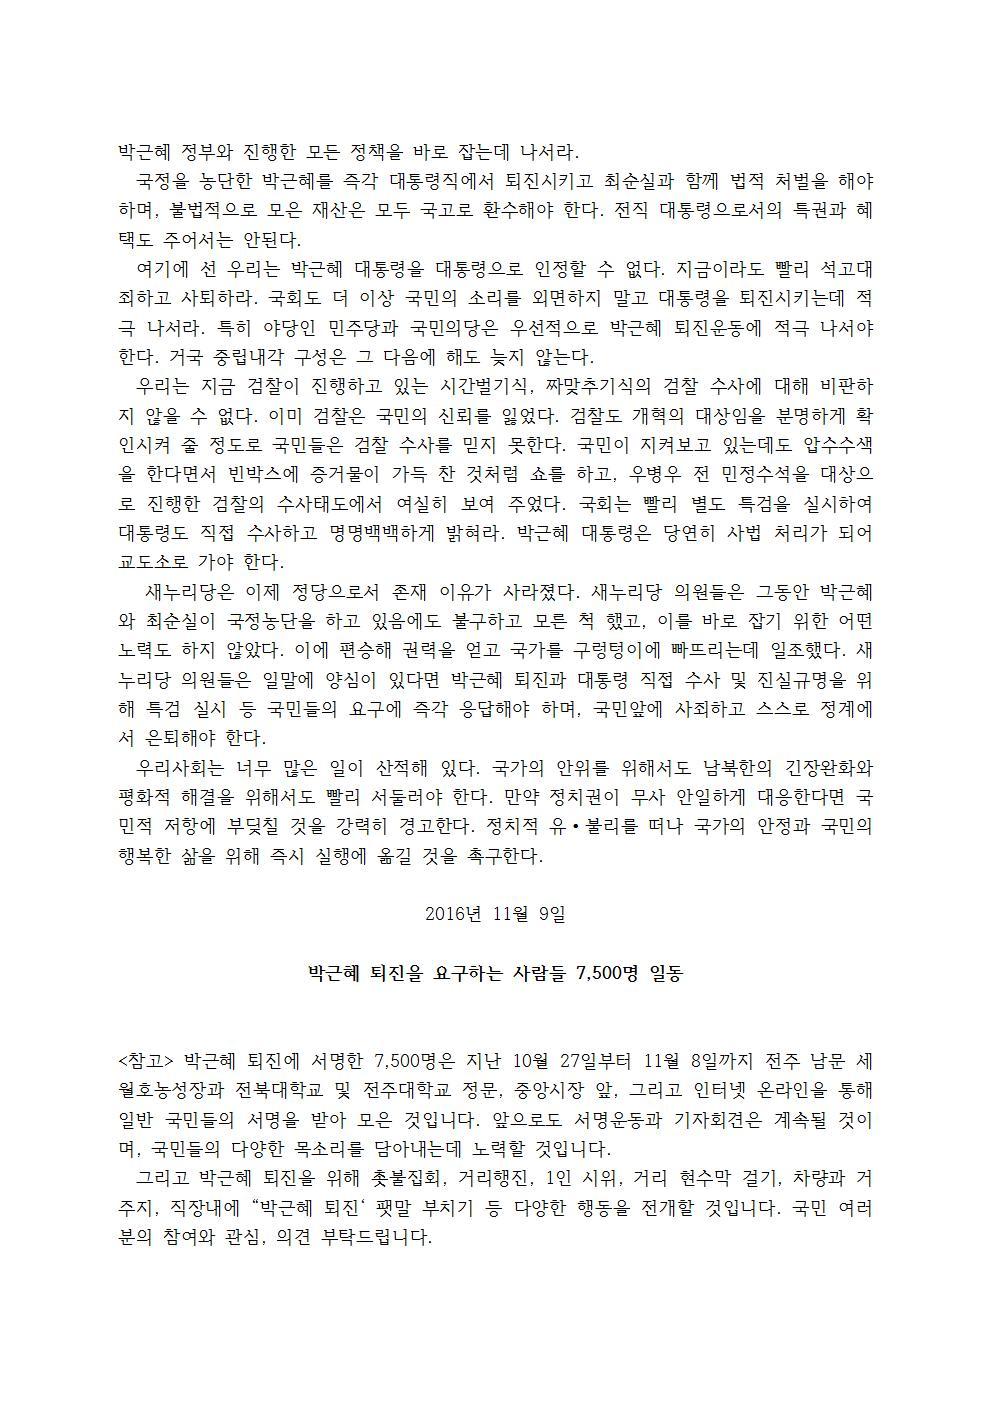 16.11.9-박통 퇴진 기자회견문_최종002.jpg